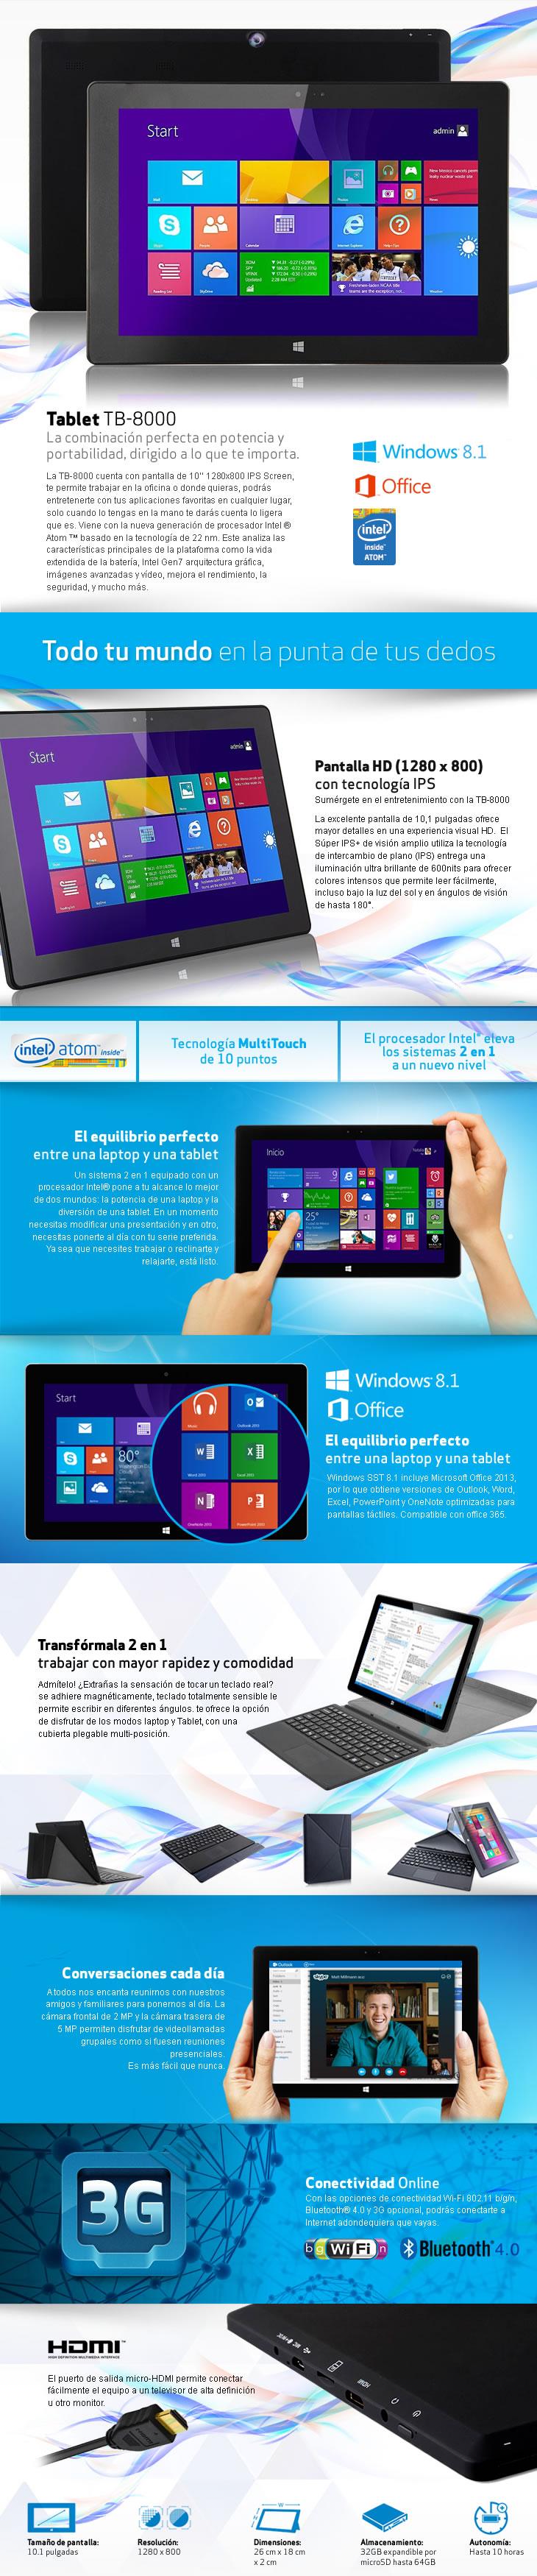 Síragon Tablets TB-8000